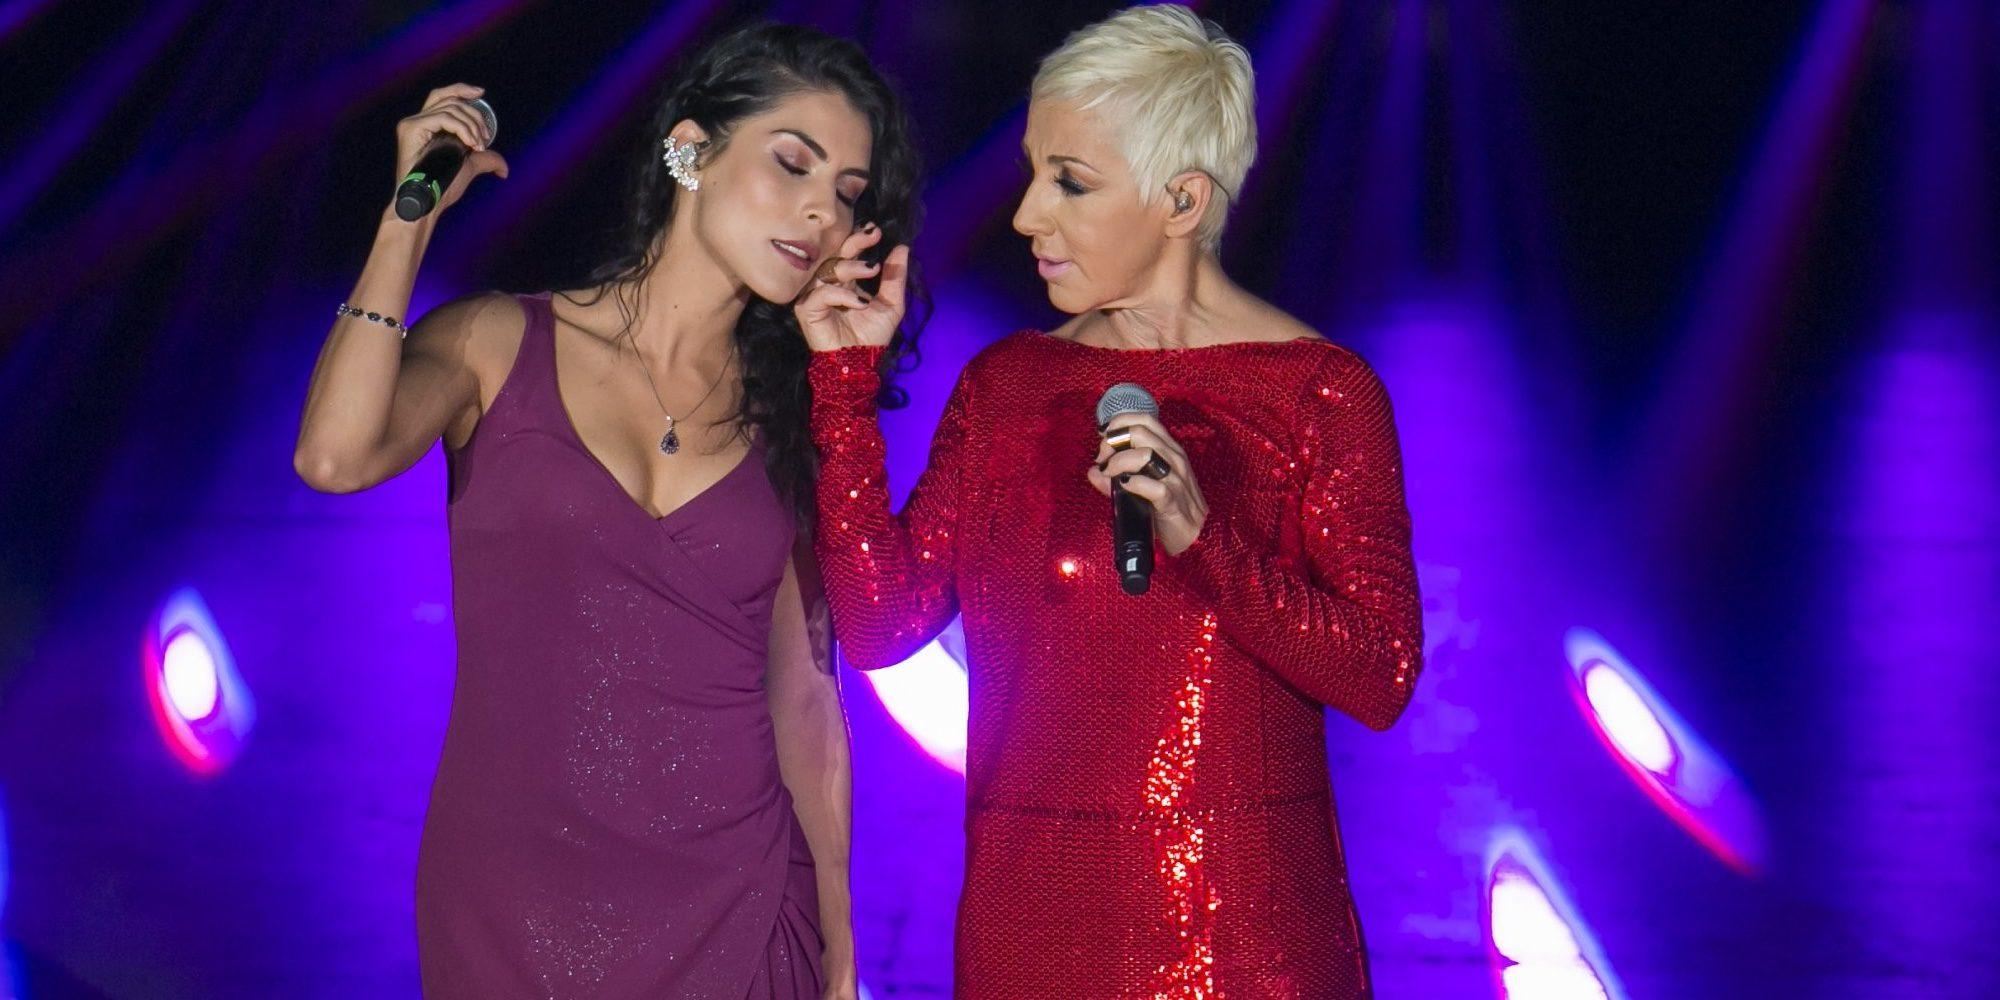 Show de besos lesbicos - 3 3